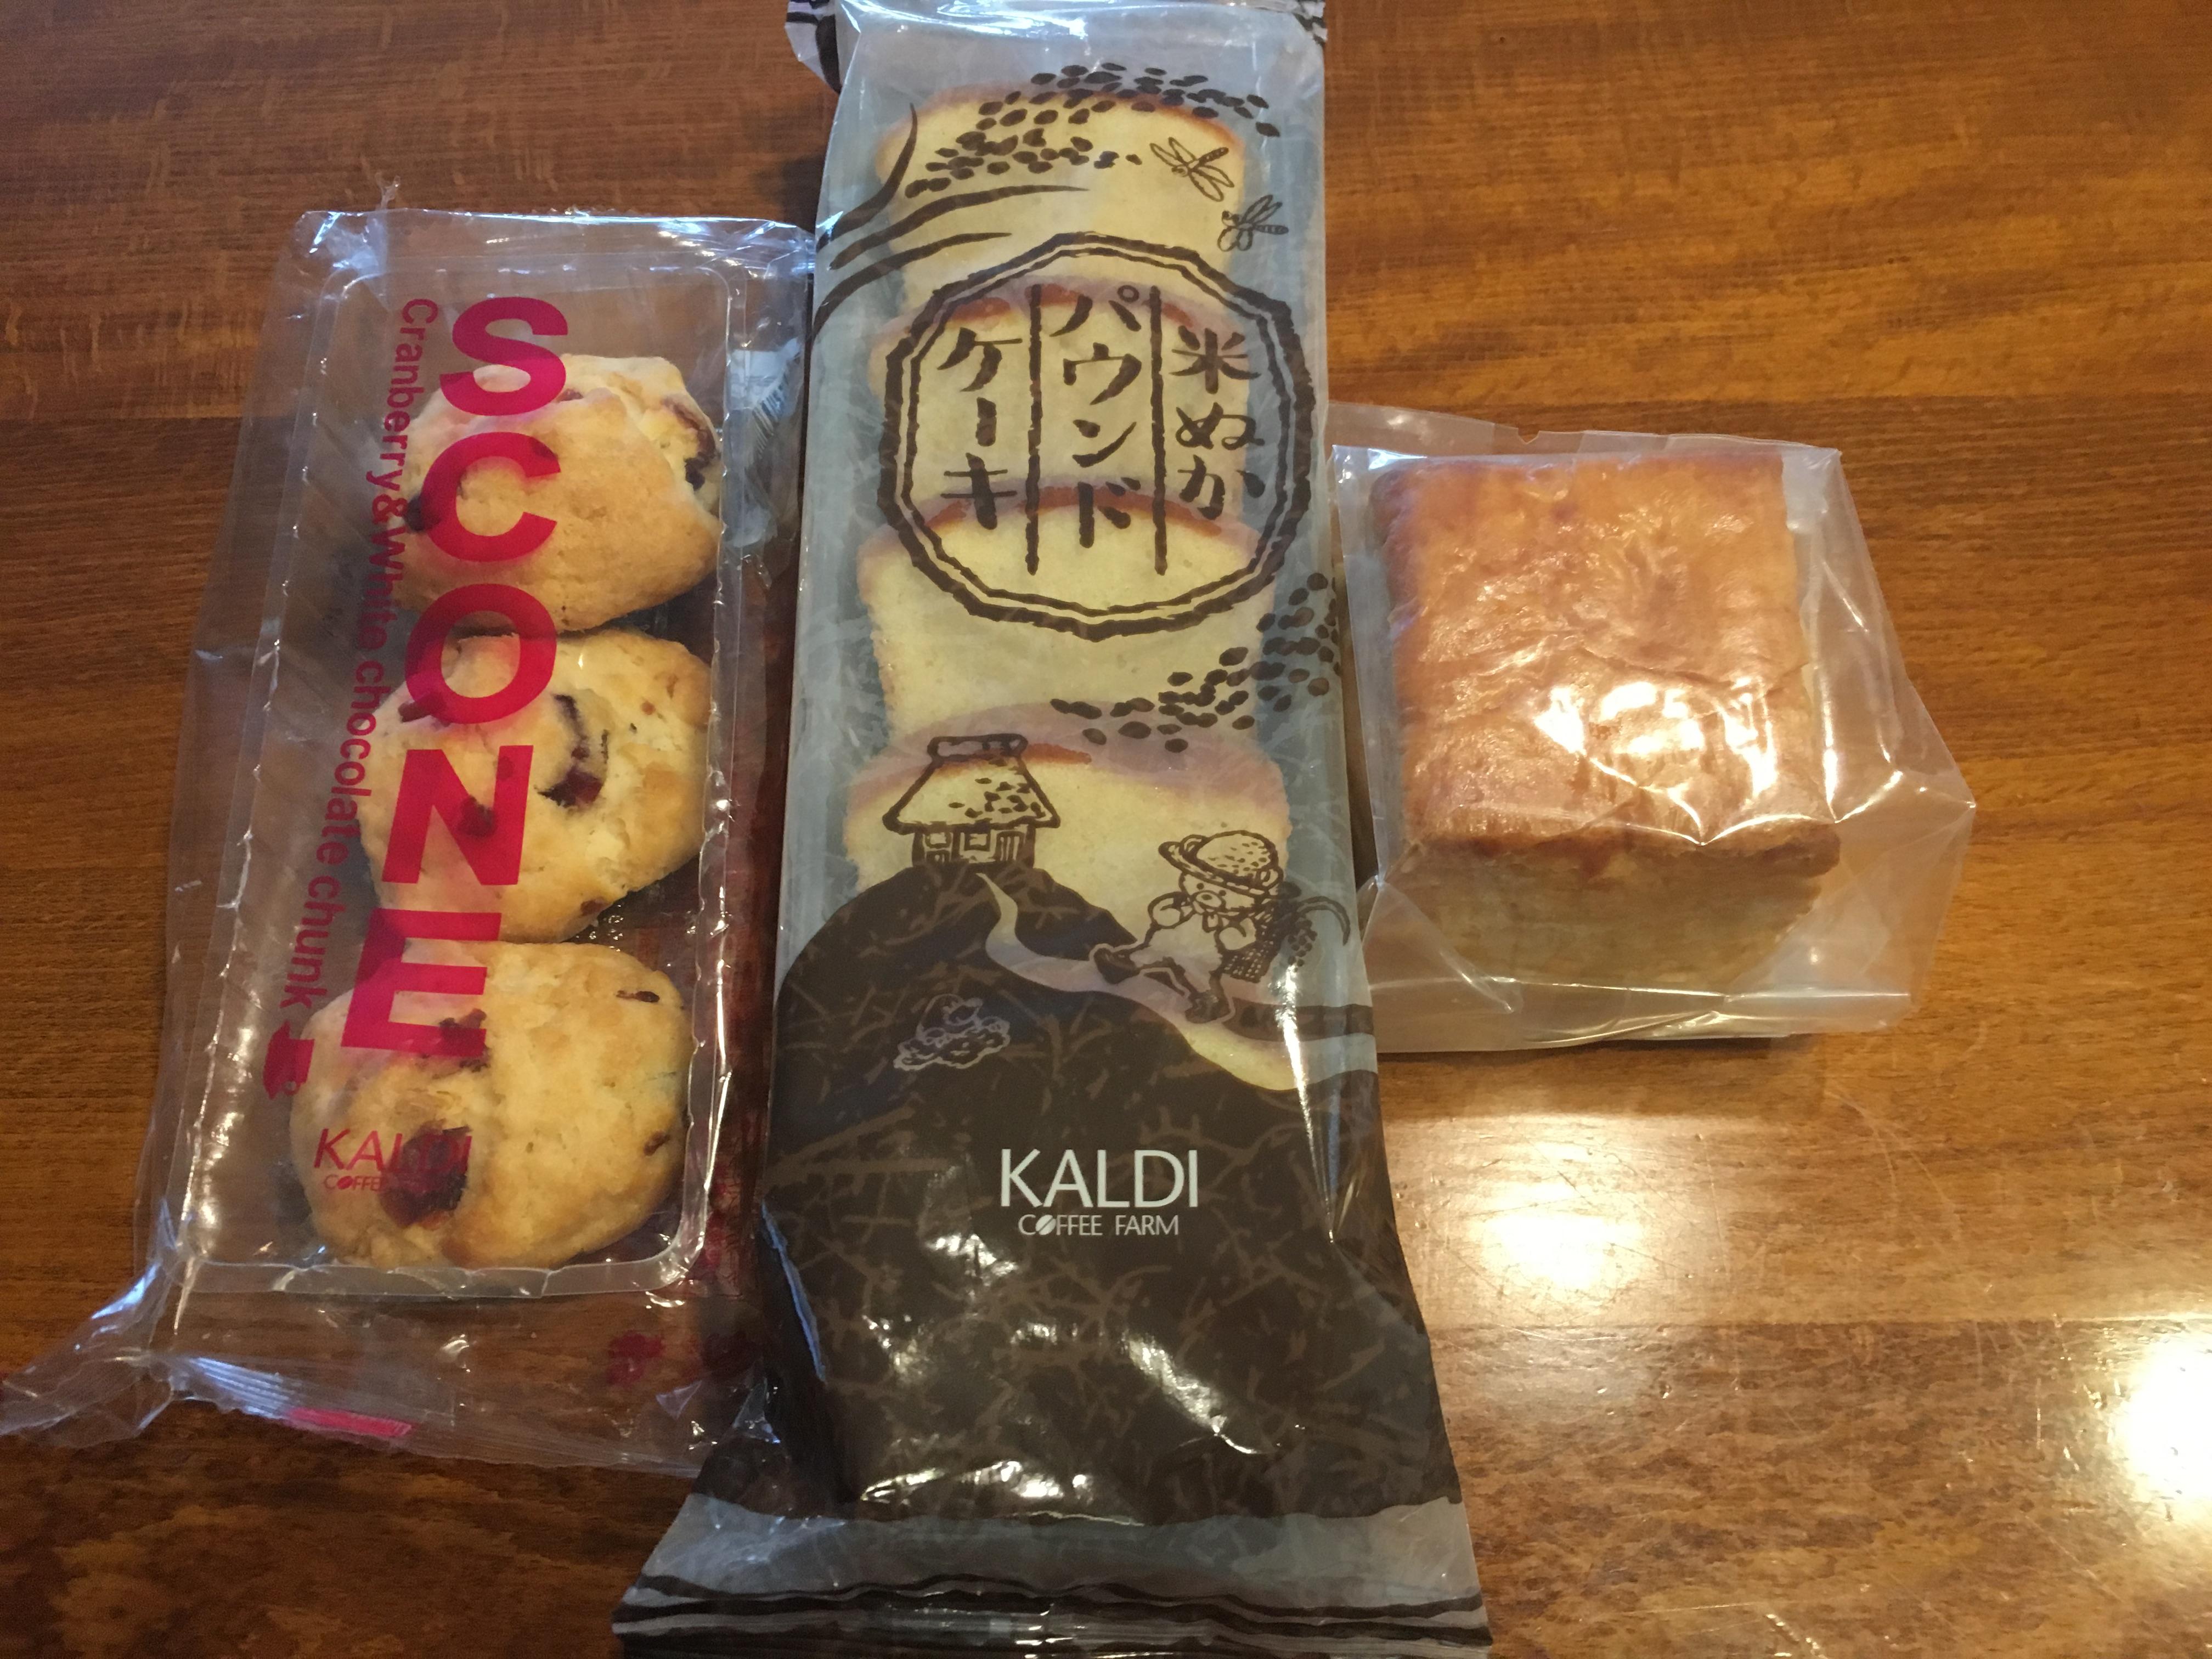 KALDIオリジナル商品を食べ比べ!朝食にぴったりのスイーツとは?